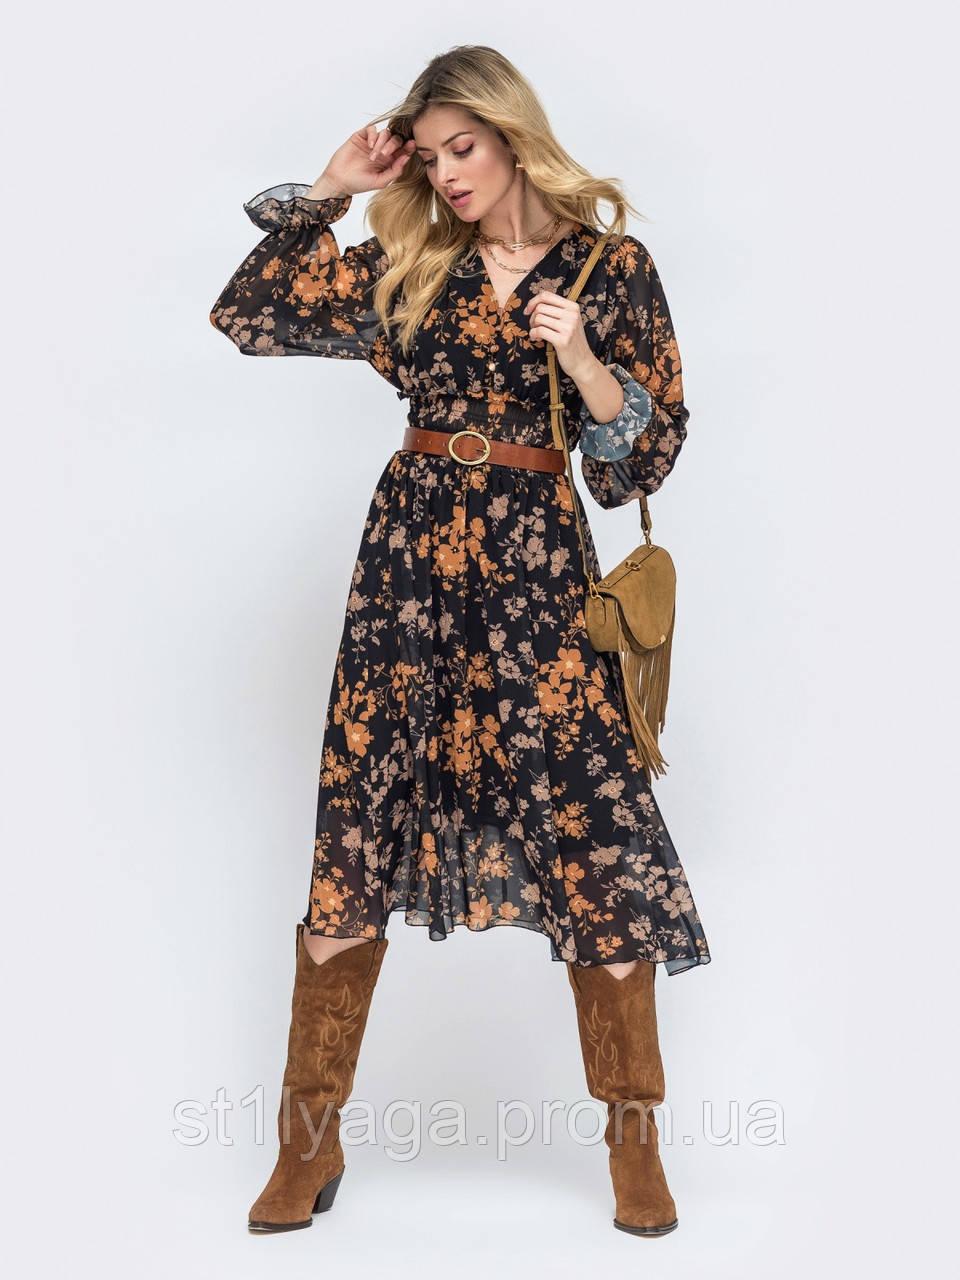 Платье -миди в цветочном принте из шифона